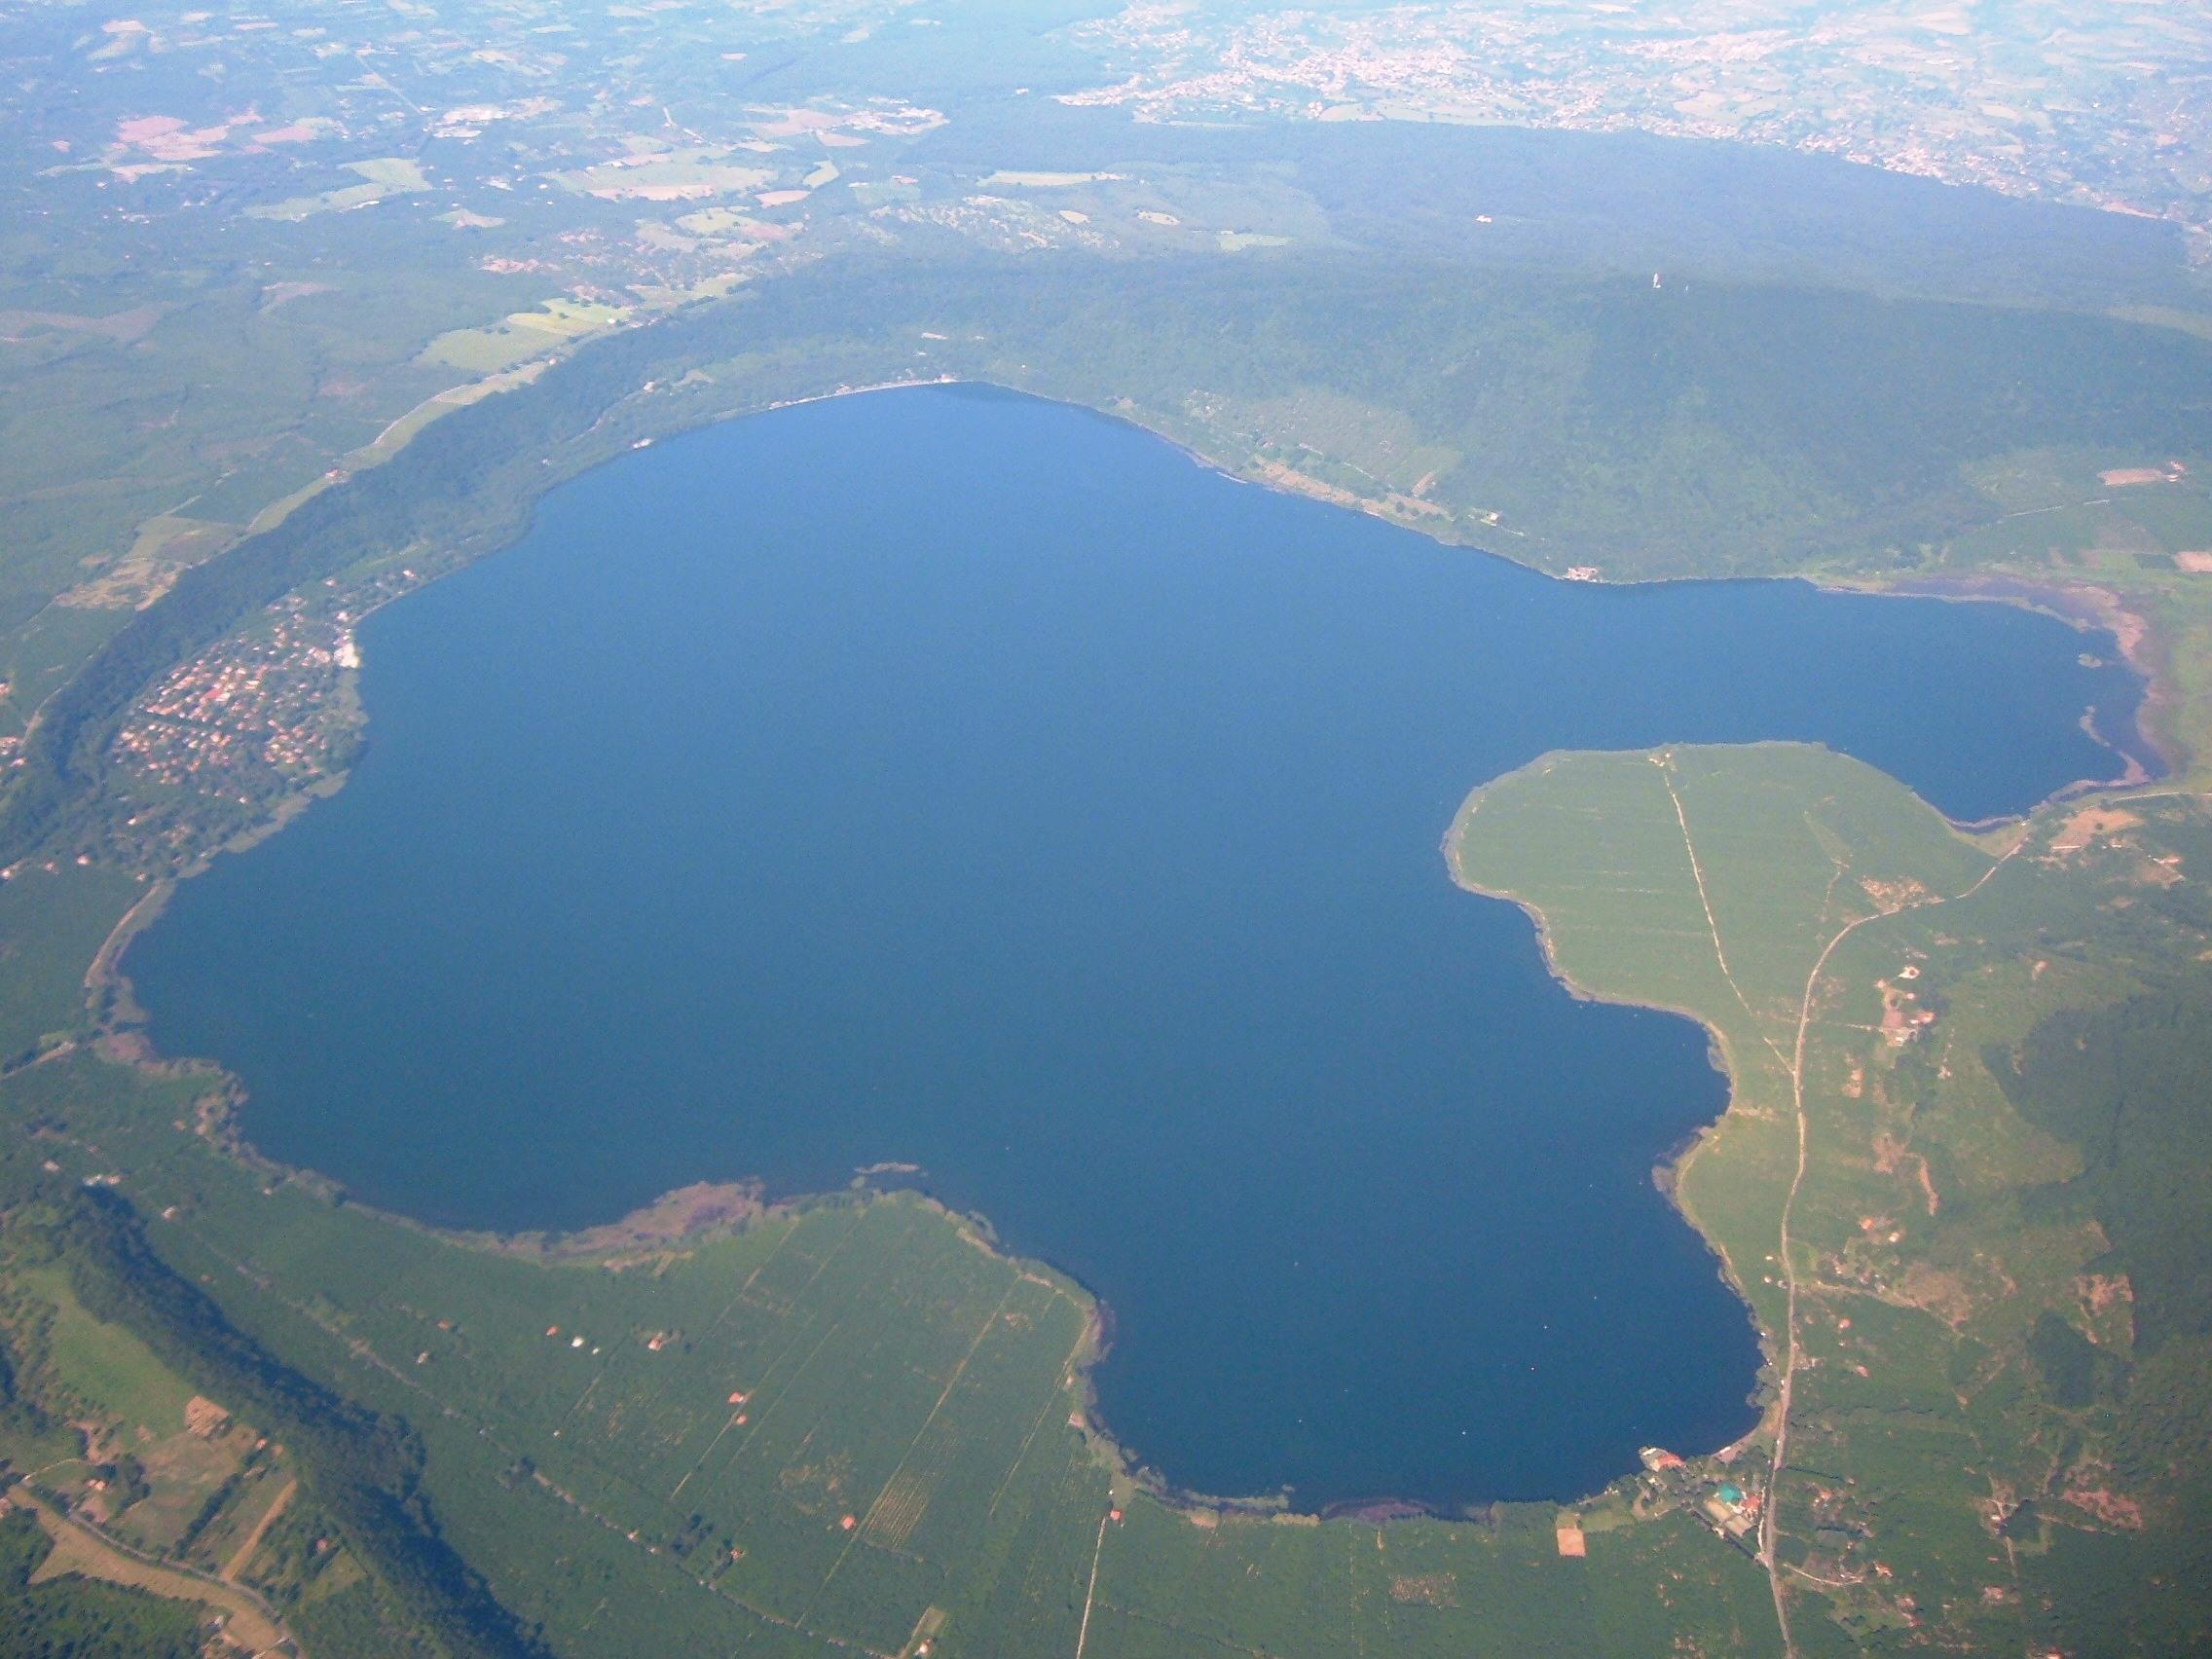 FileLago di Vico  Vista aerea 1JPG  Wikimedia Commons